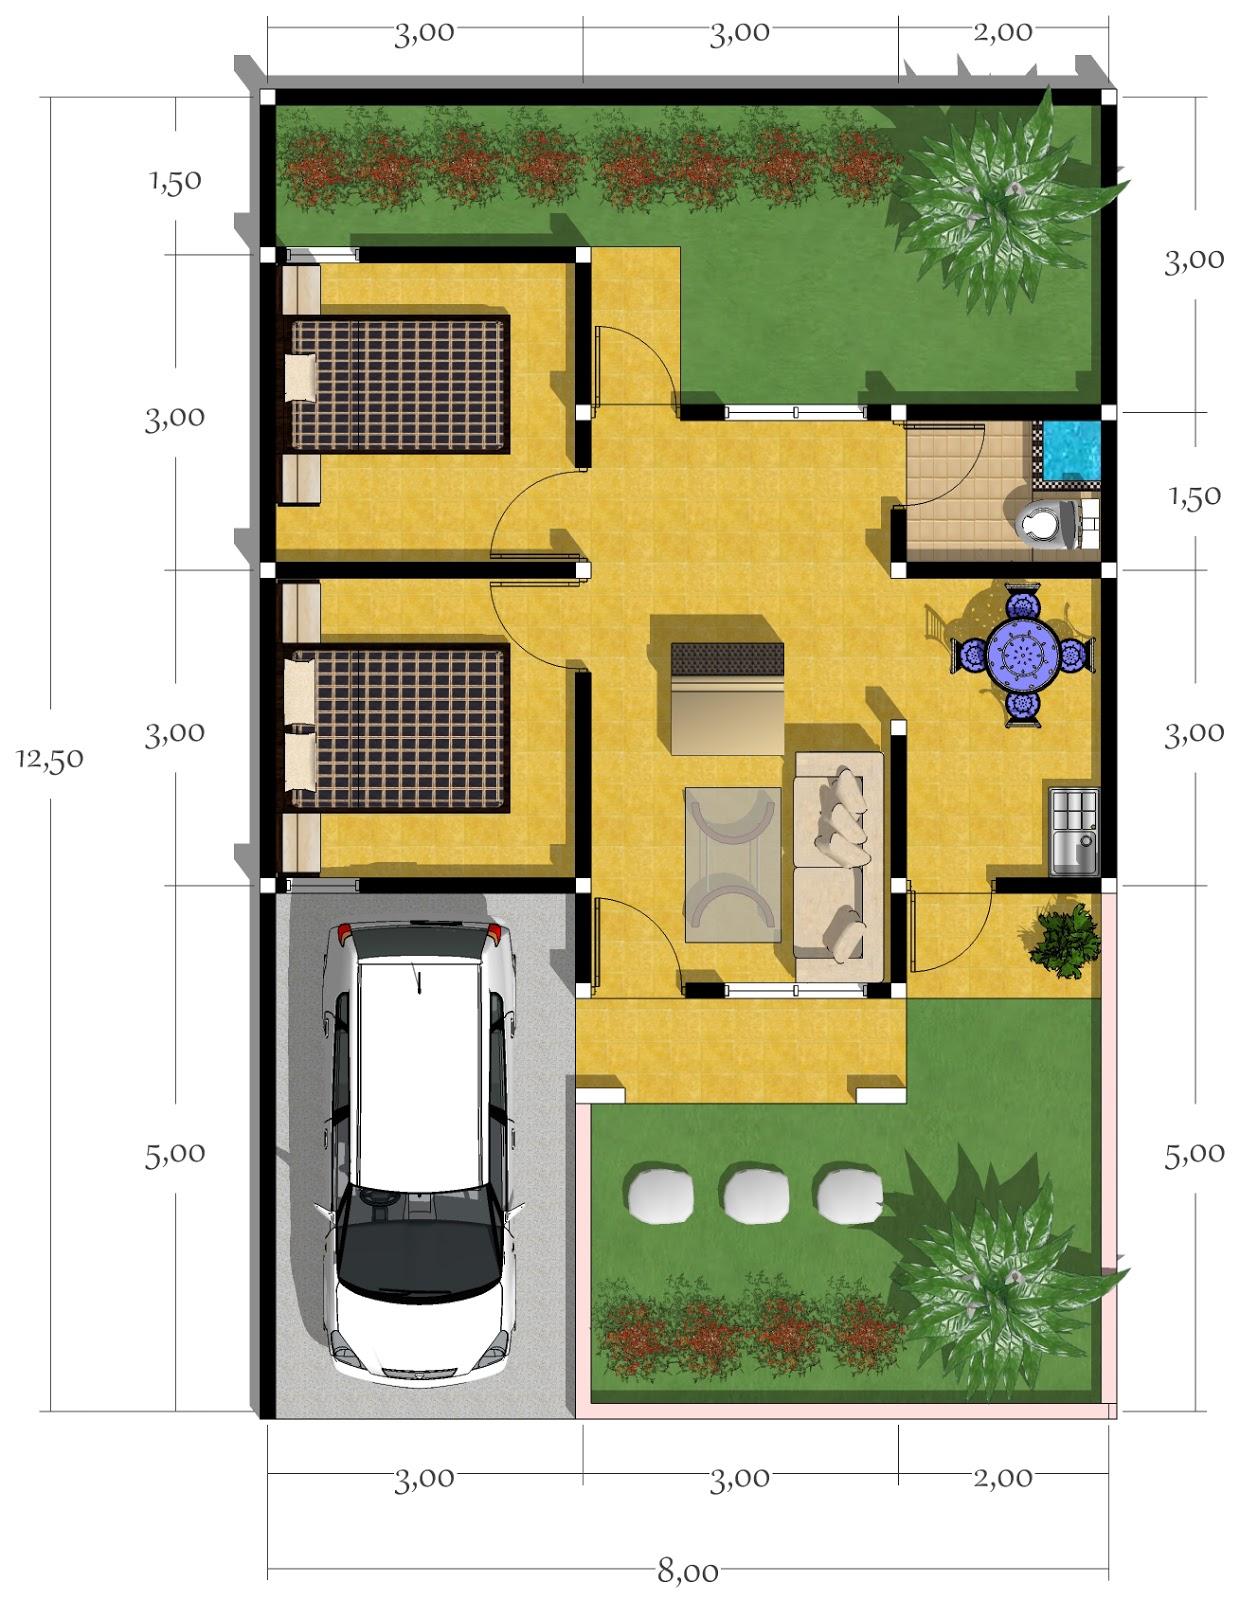 Denah Rumah Type 100 : denah, rumah, Gambar, Denah, Rumah, Minimalis, Images, Desain, Rebanas